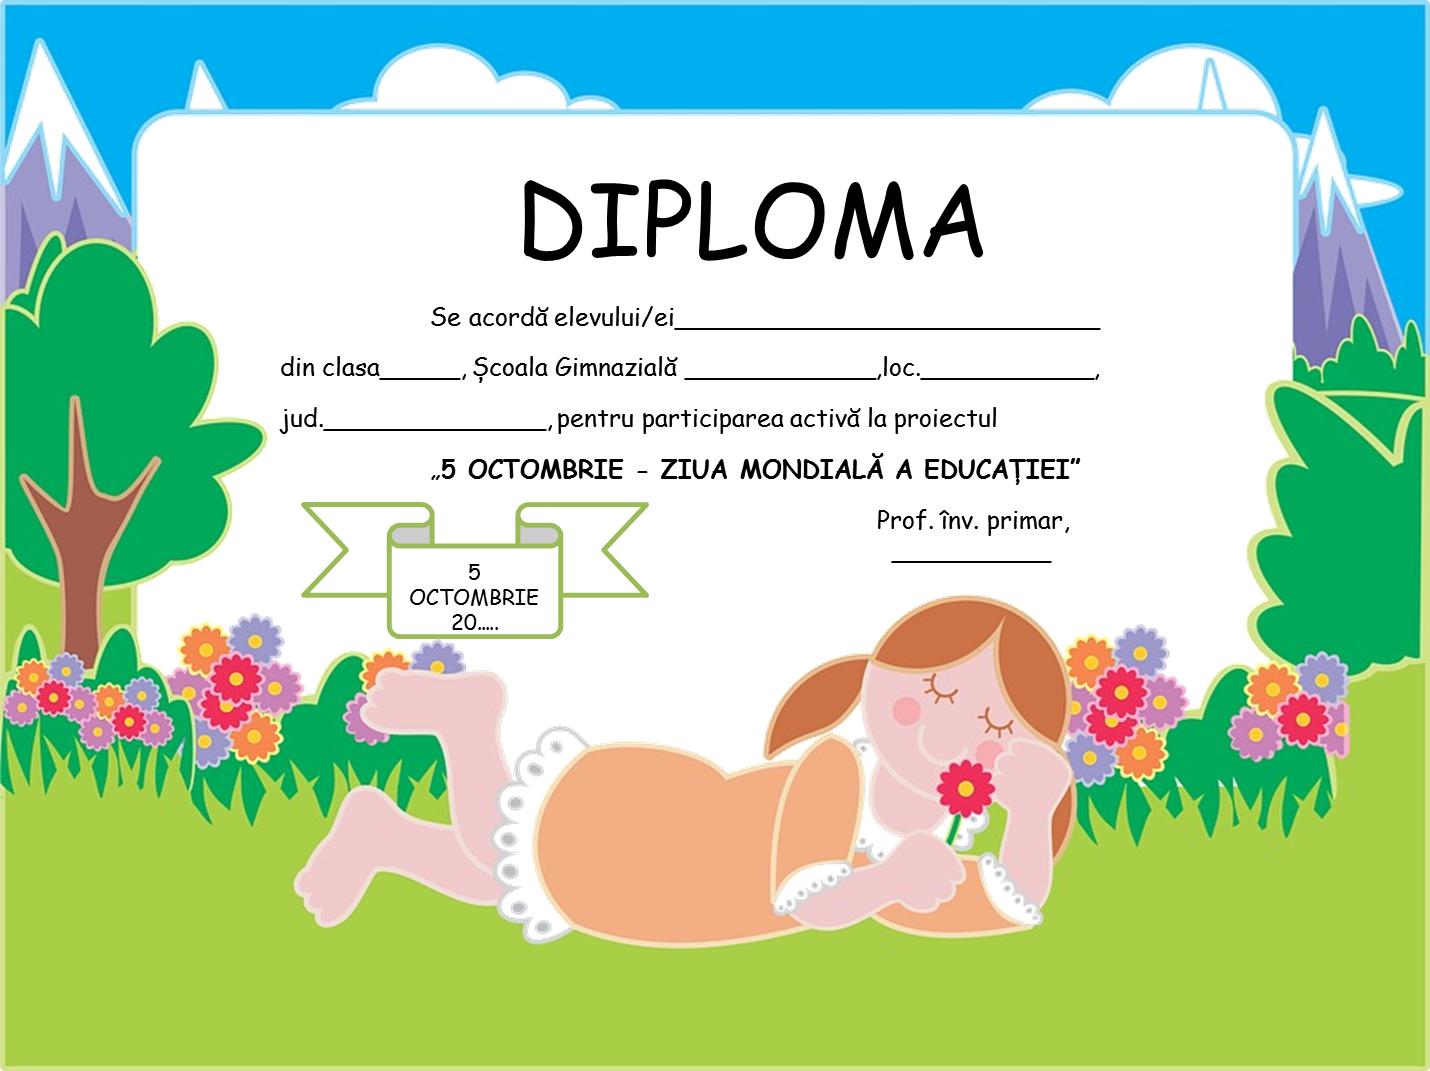 Diplome pentru Ziua Mondială a Educației